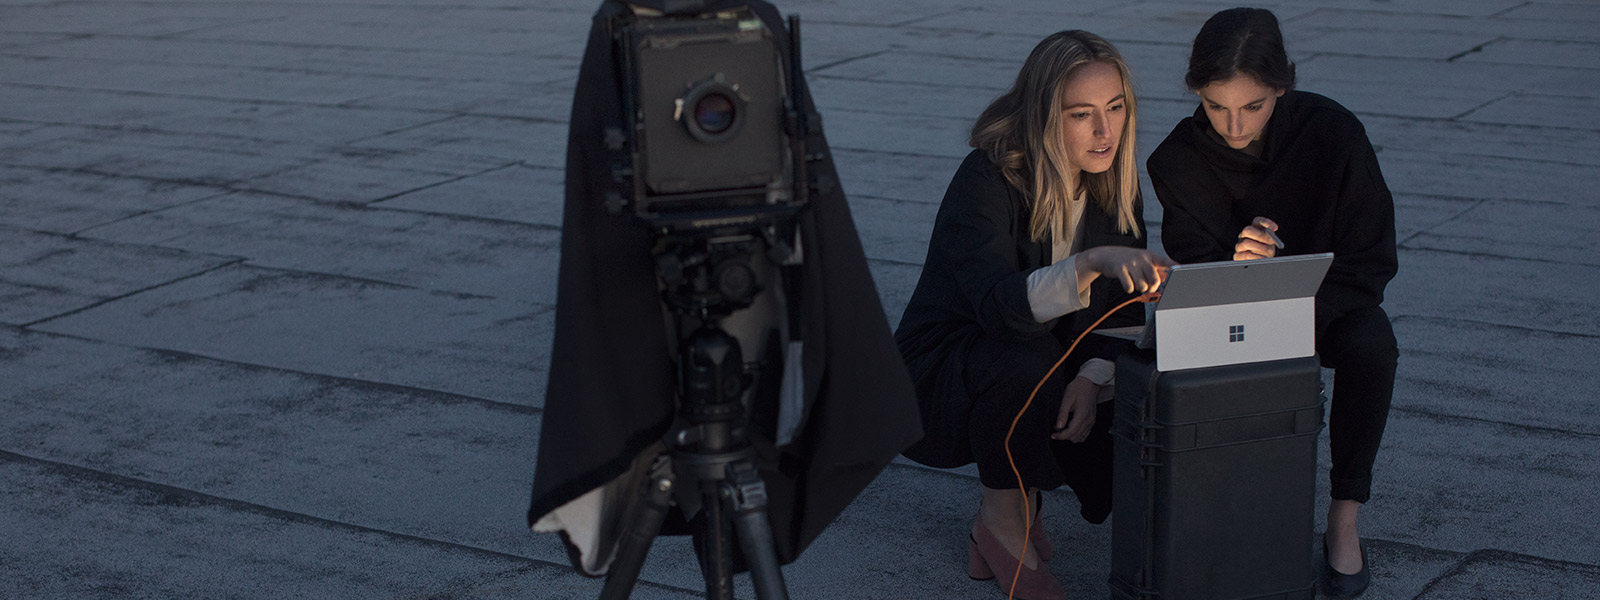 Surface Pro を使ってビデオ映像をレビューする 2 人の映像監督